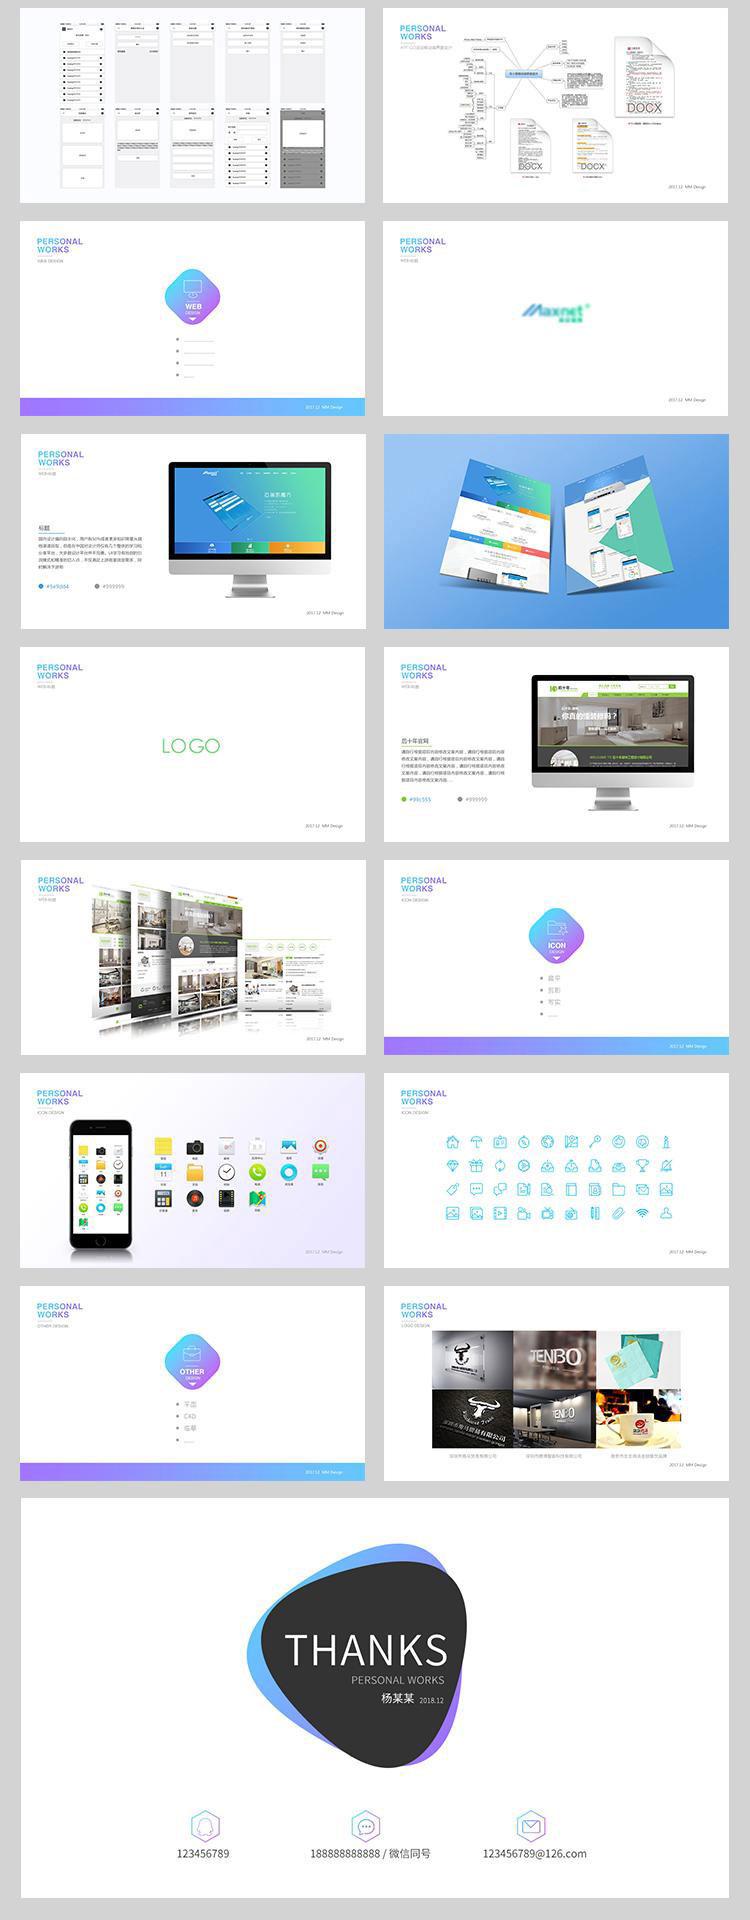 [素材包]UI作品集展示模板网页平面UI设计师作品简历面试PSD设计素材 素材包-第8张